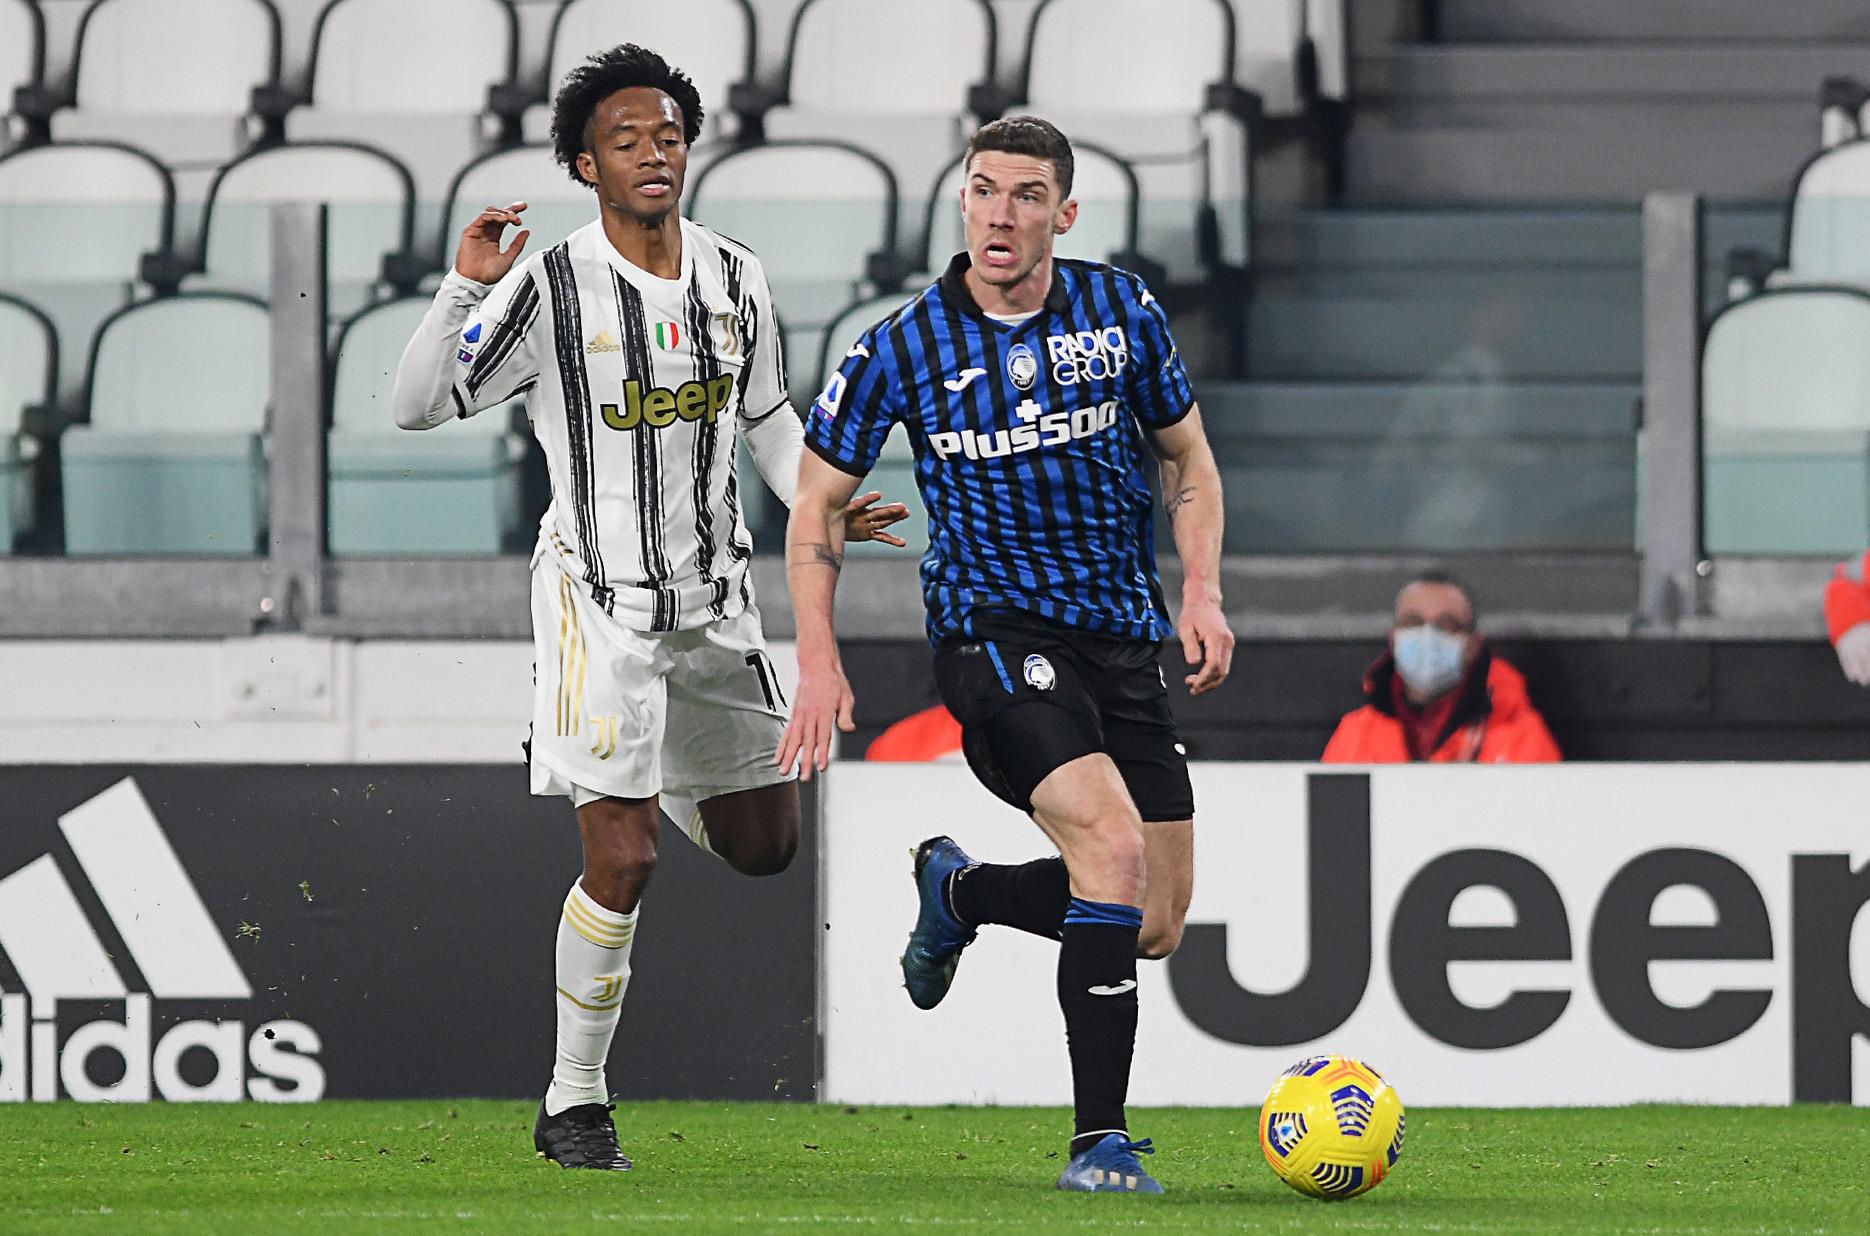 Atalanta-Juventus, nuova tegola per Pirlo | Infortunio e cambio: le condizioni